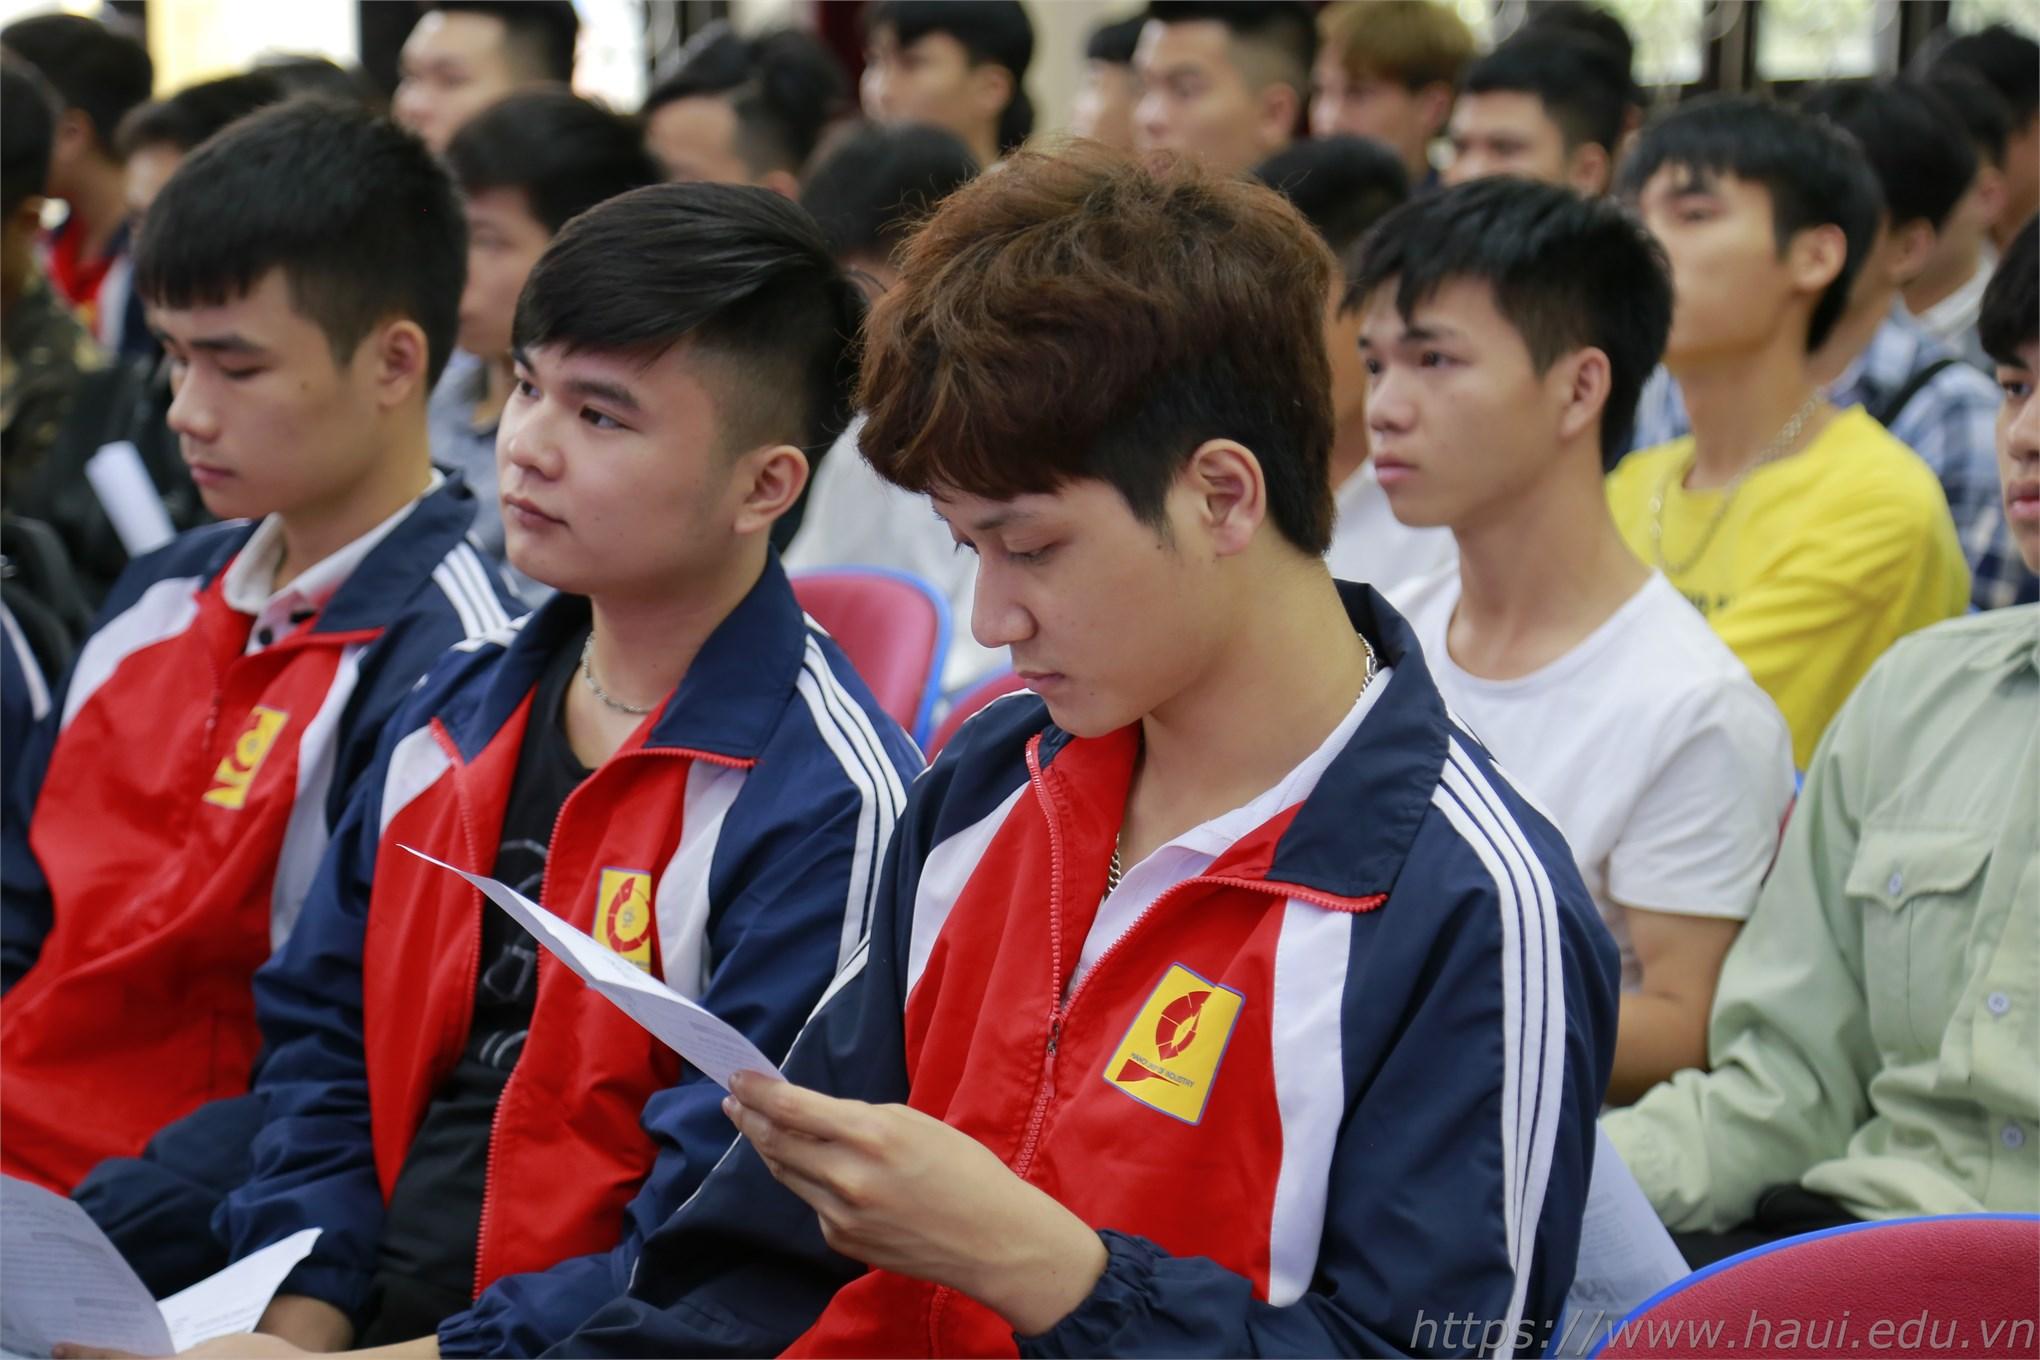 Tham dự ứng tuyển, sinh viên sẽ được đào tạo Tiếng Nhật miễn phí, hưởng lương 100% trong quá trình đào tạo